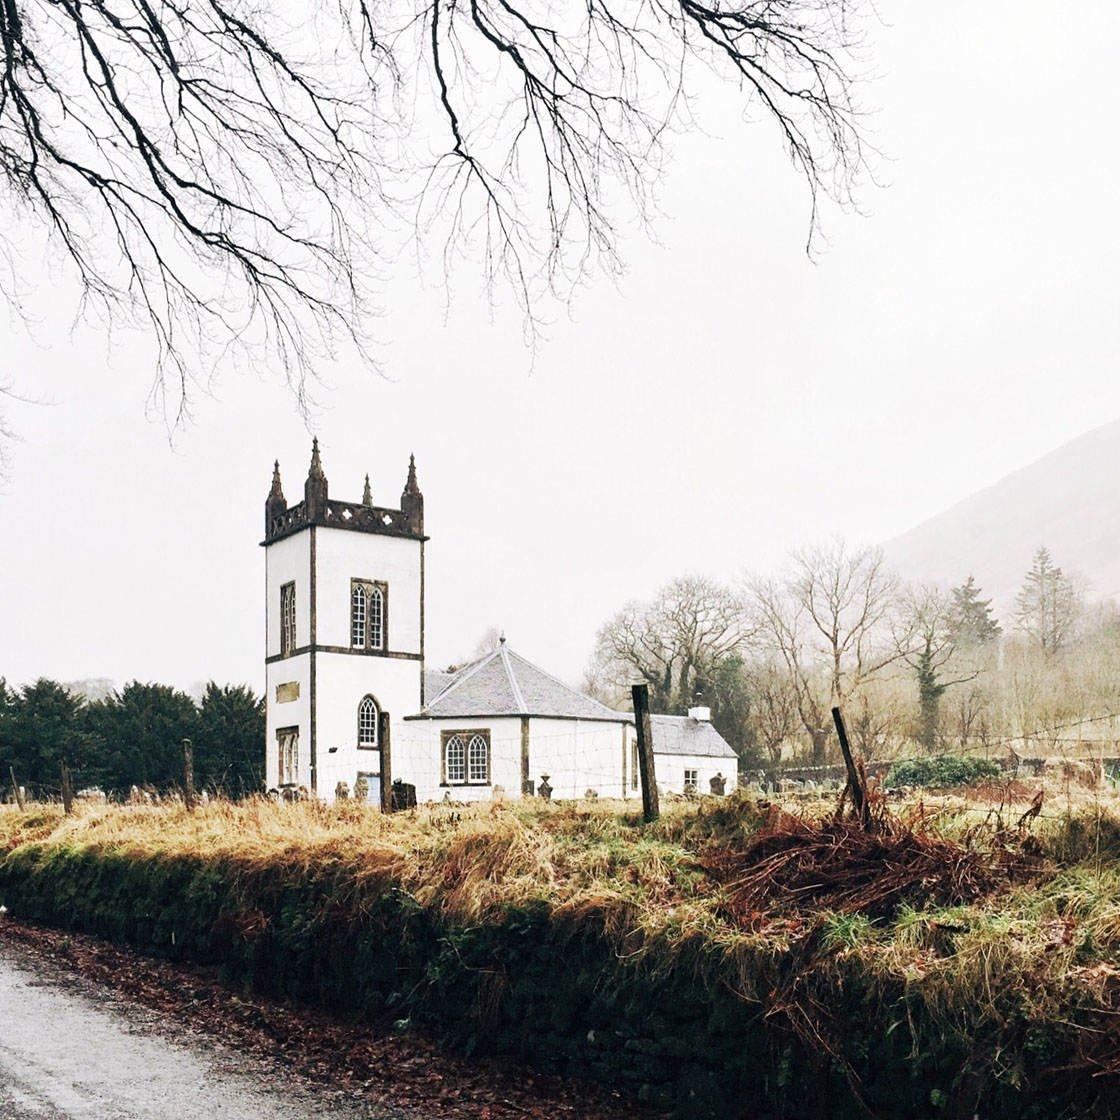 iPhone Landscape Photos With Buildings 10 no script